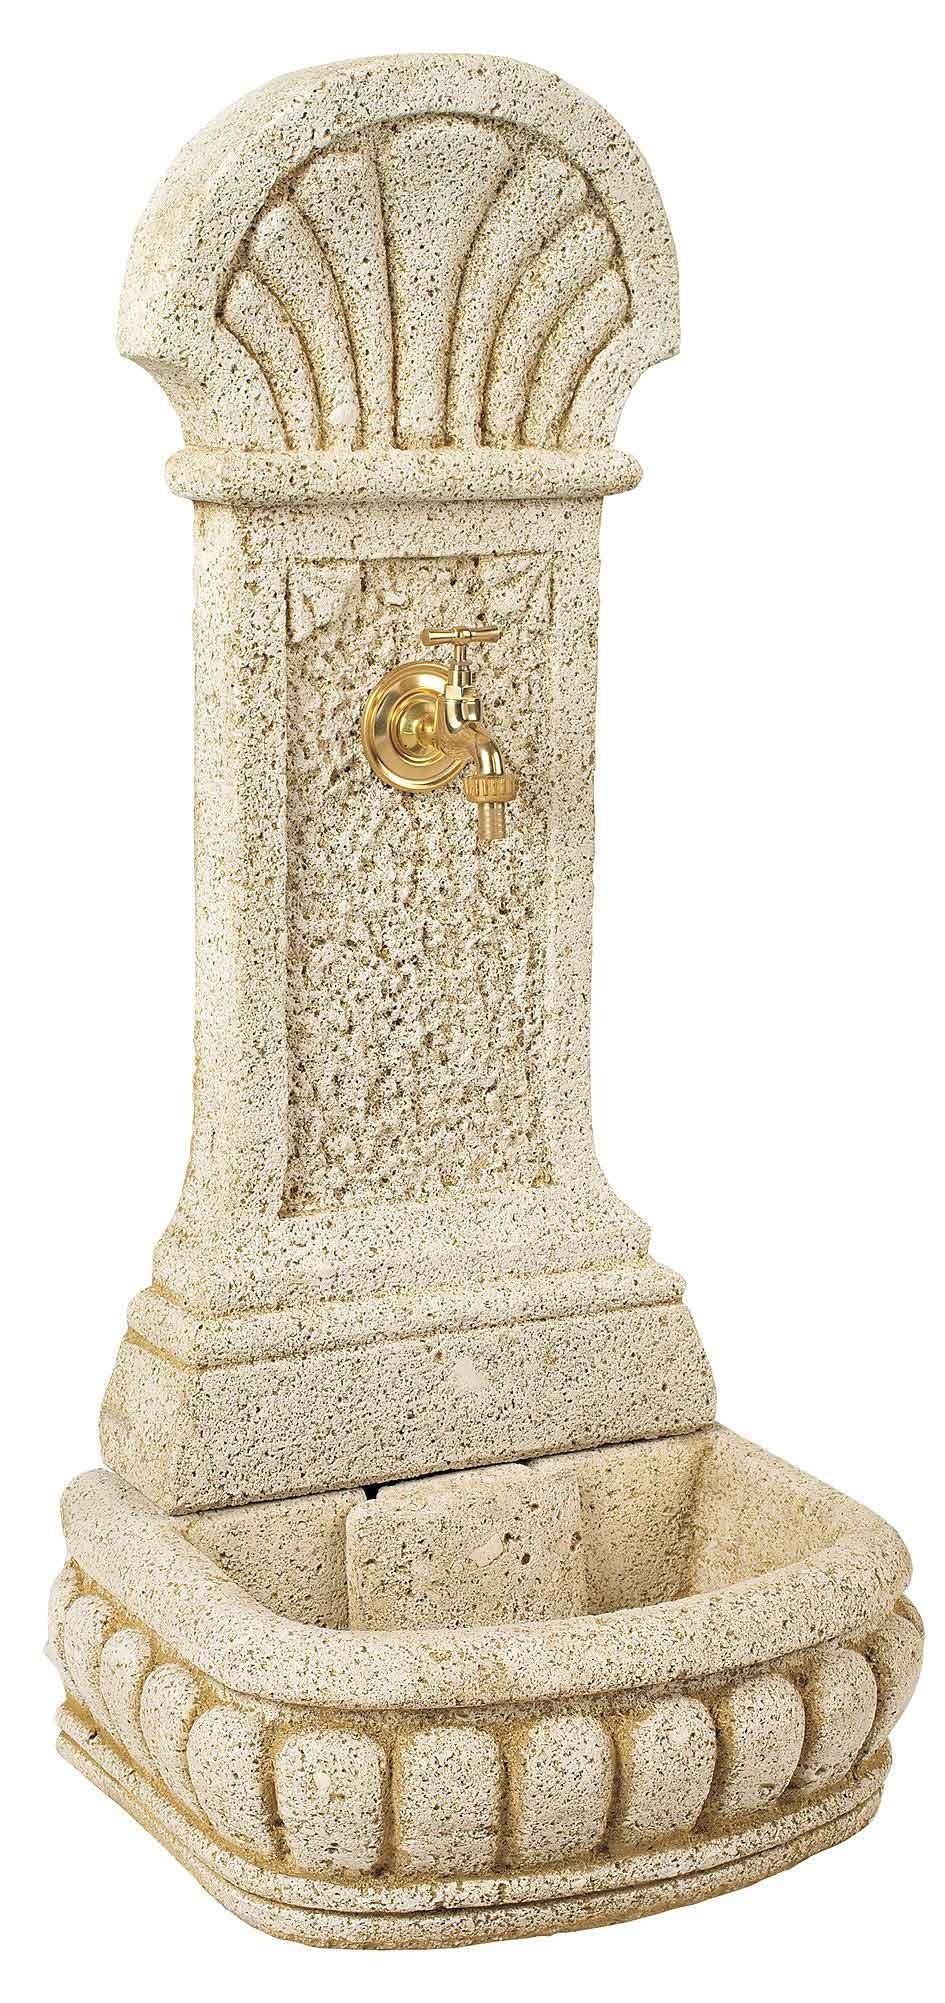 Fontaine pierre reconstitu e murcia - Fontaine de jardin en pierre reconstituee ...